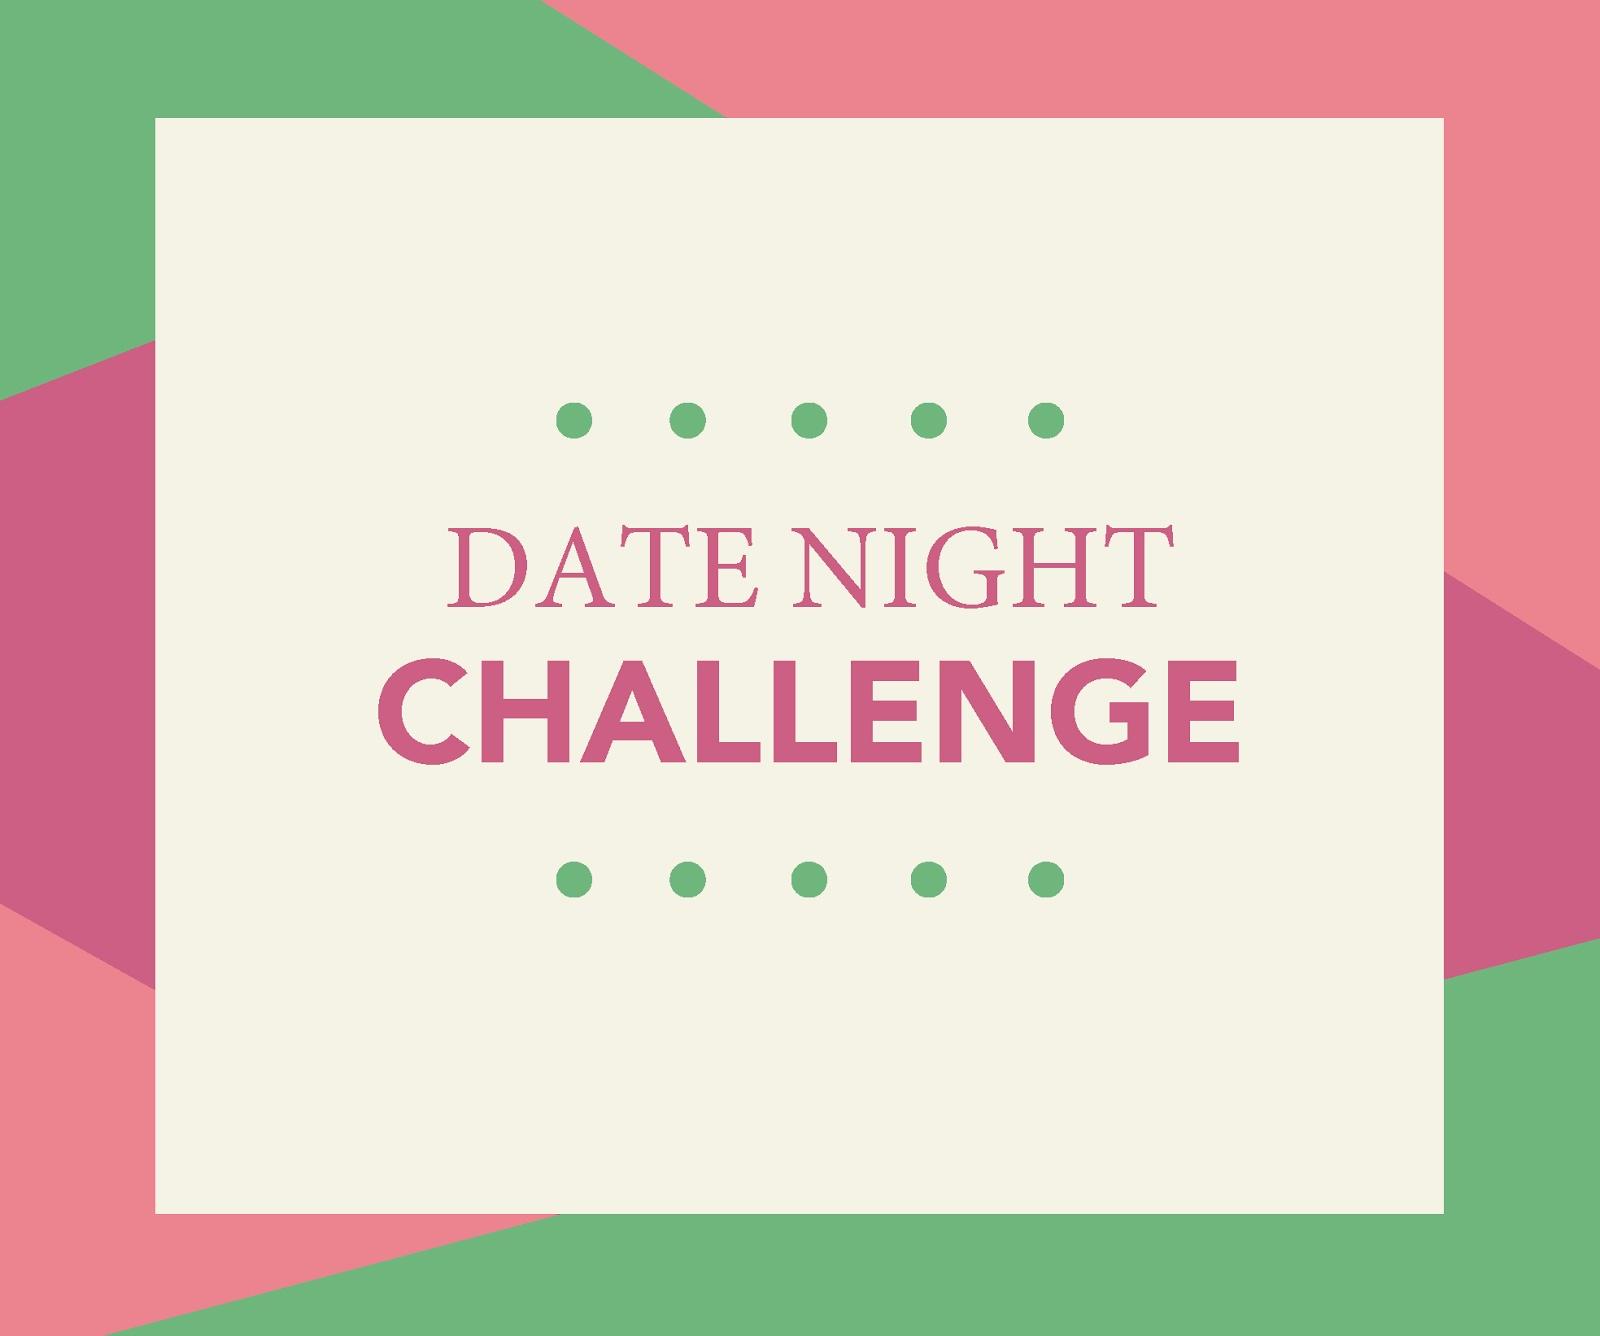 Night dating girl